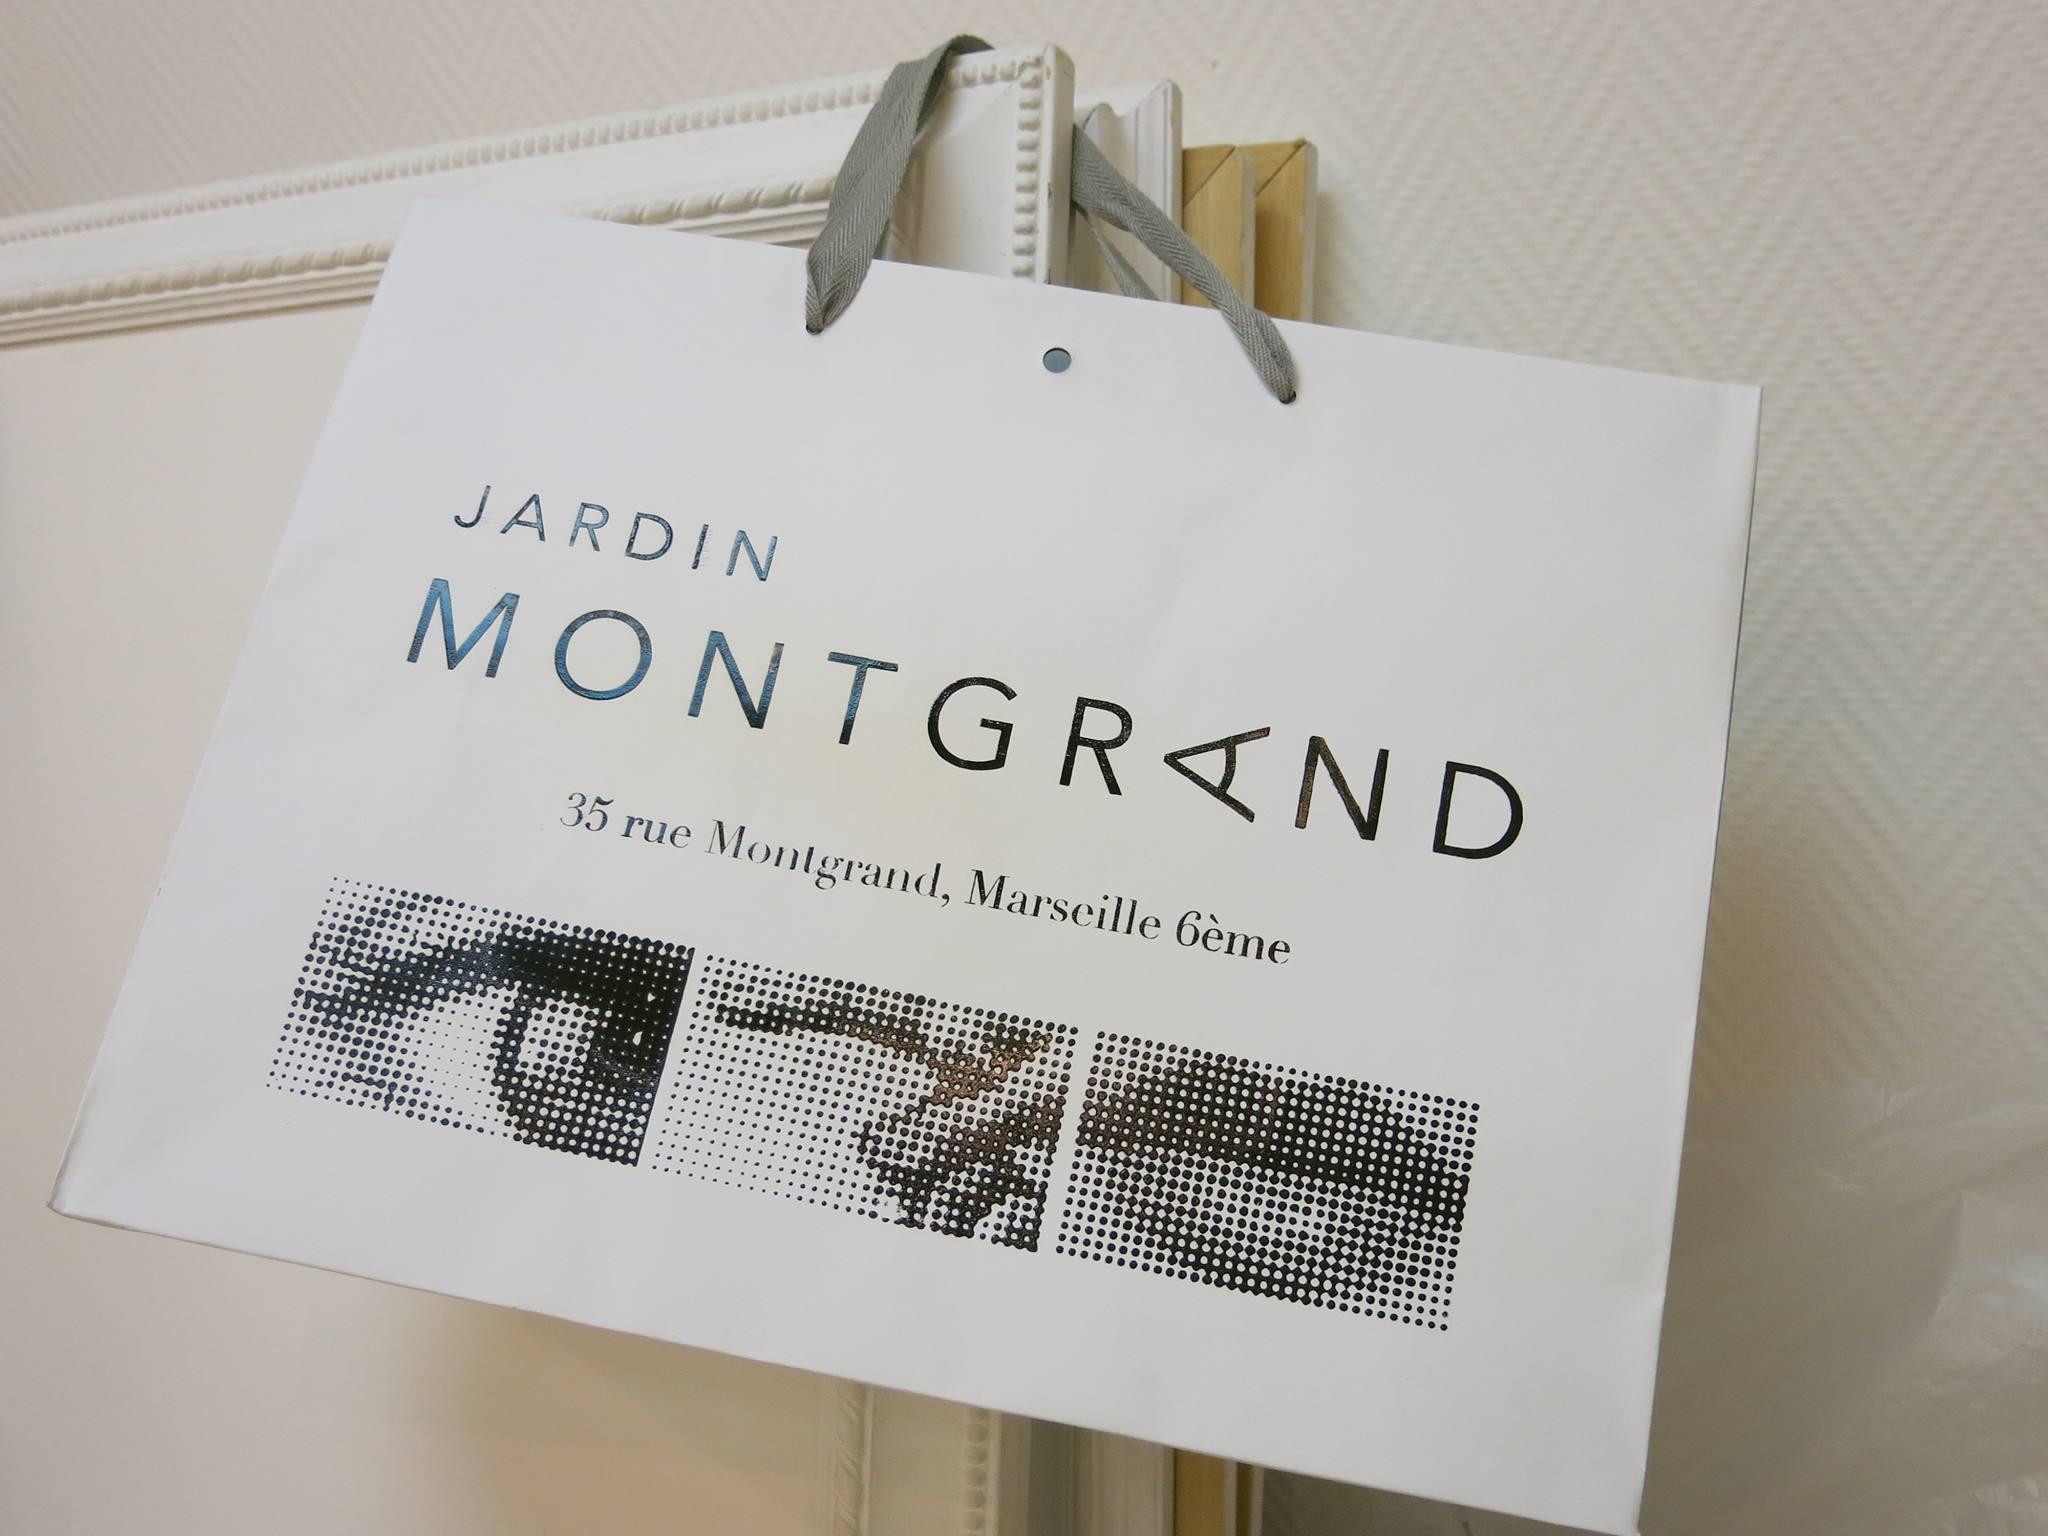 Agenda la rentr e du jardin montgrand marseille gomet 39 for Jardin montgrand